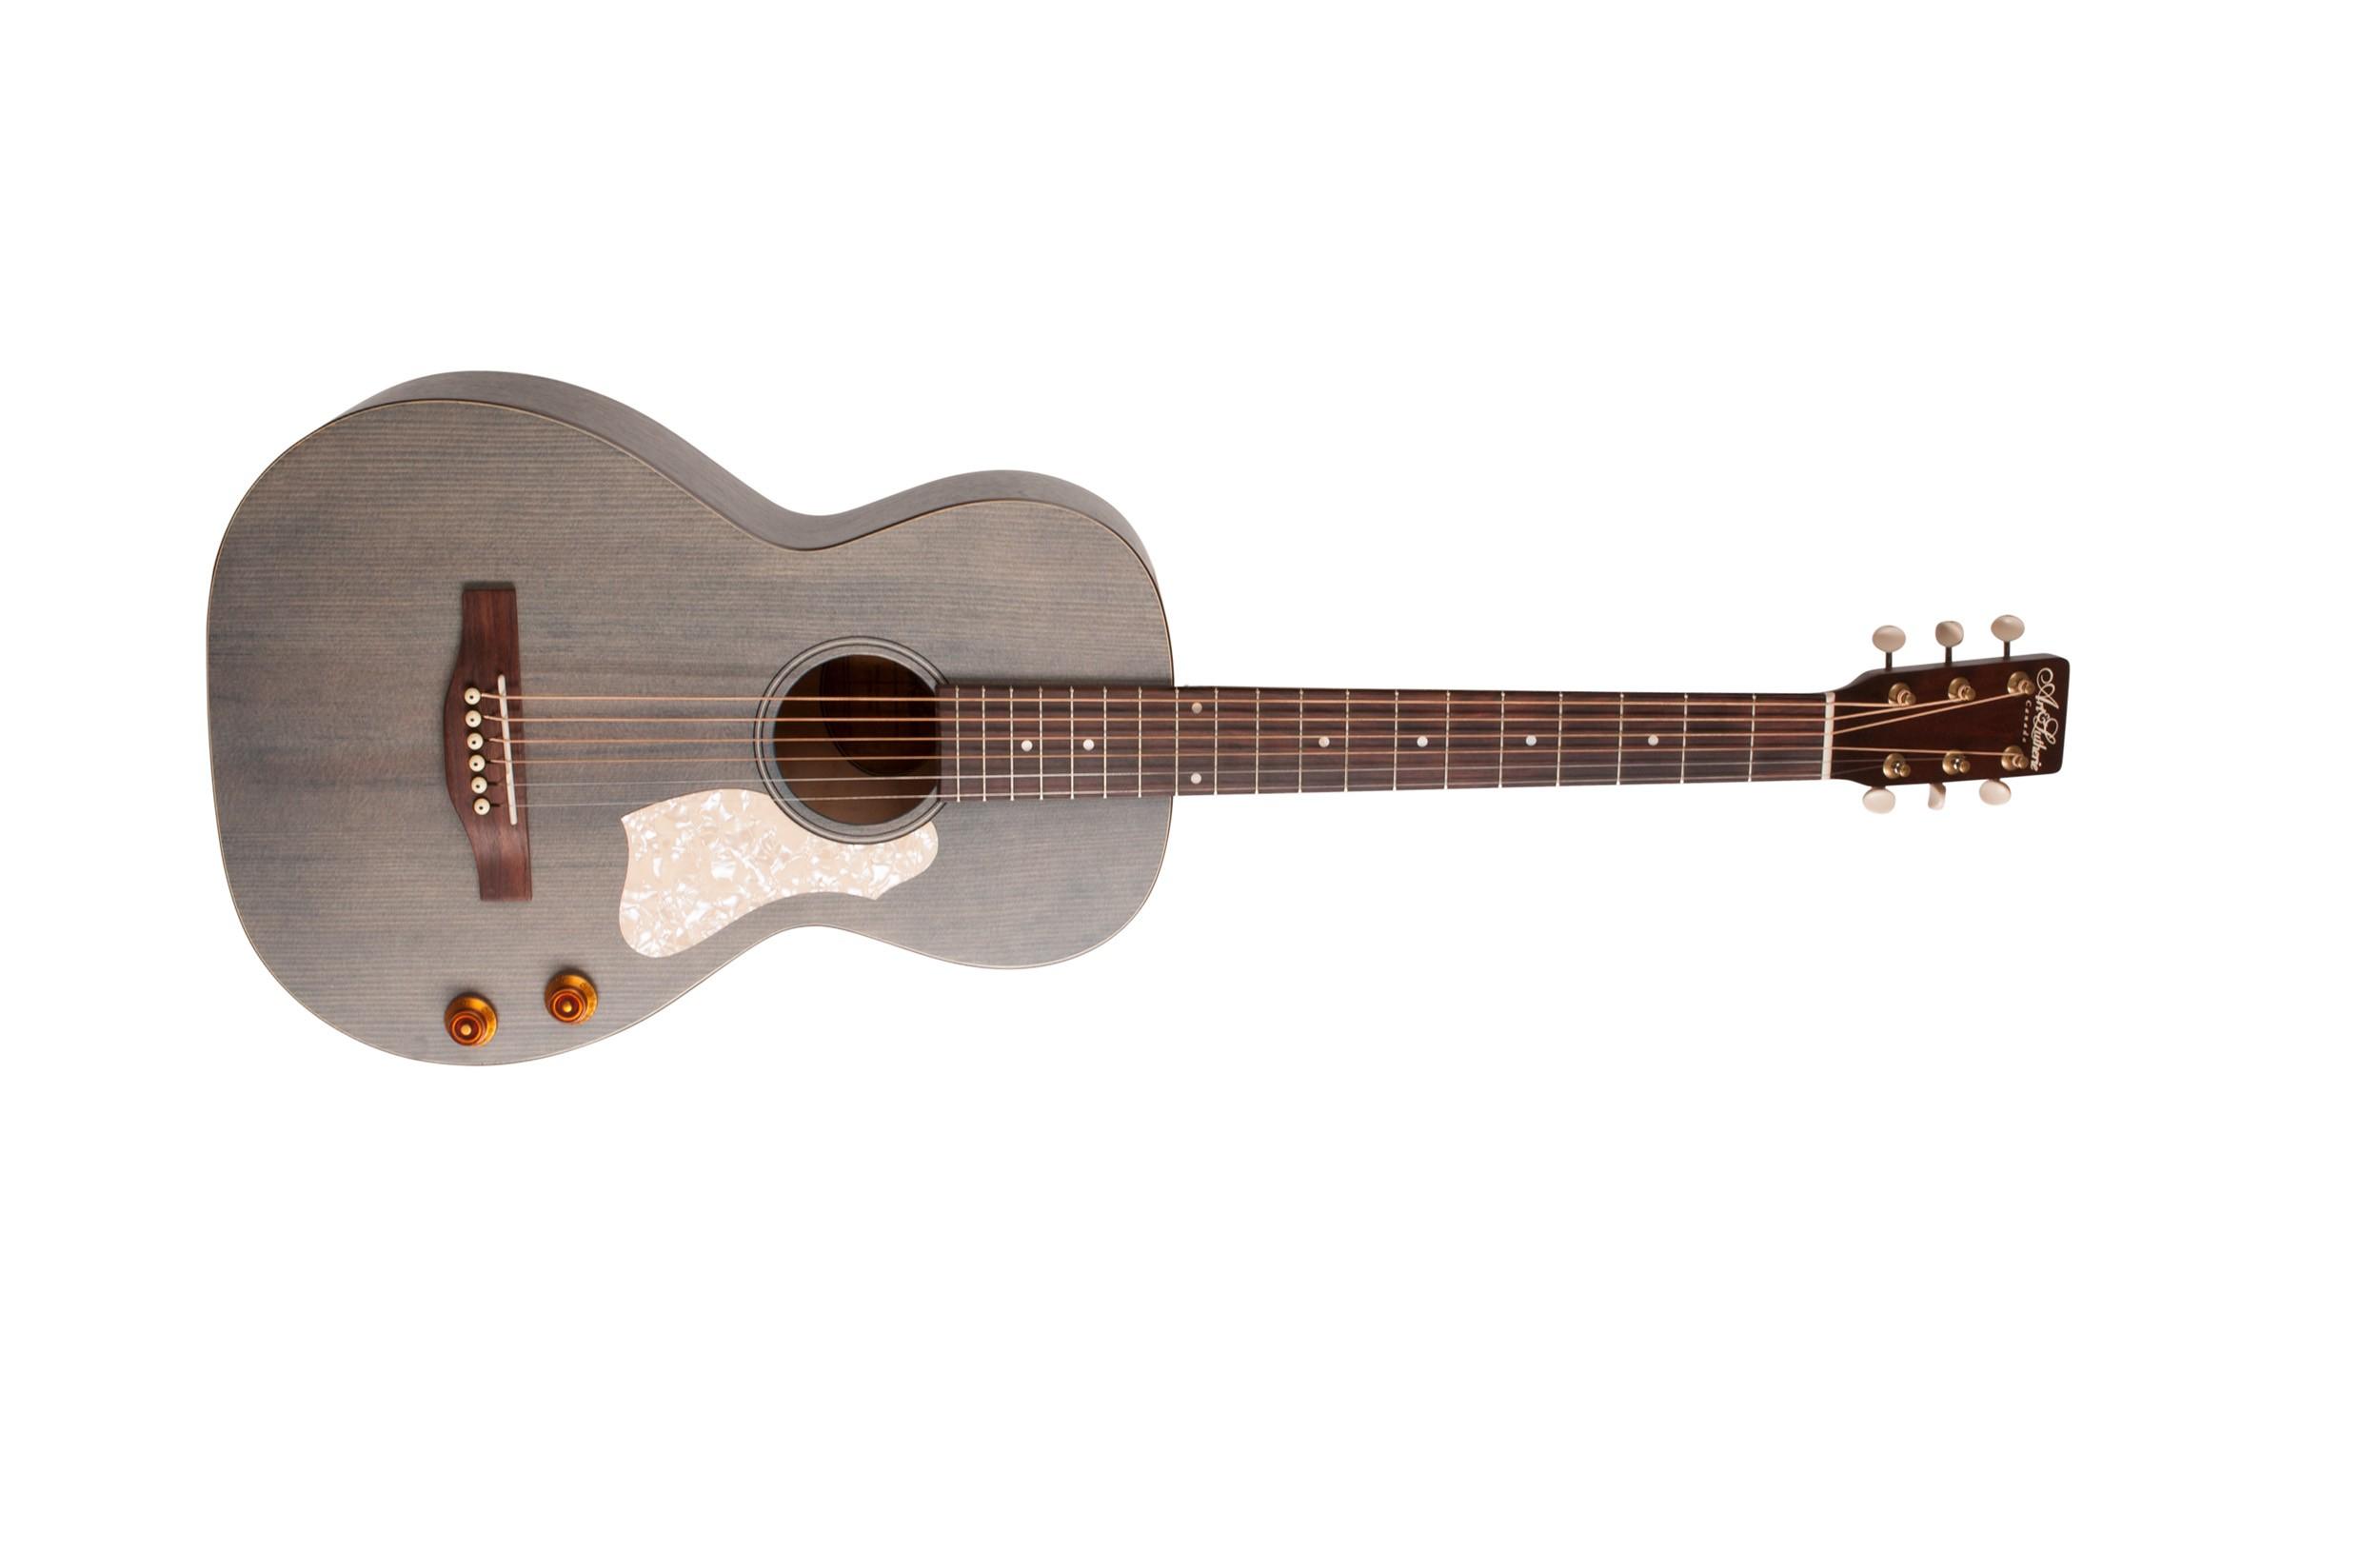 Guitares & Co - GUITARES ACOUSTIQUES - 6 CORDES - ART & LUTHERIE - AL047079 - Royez Musik